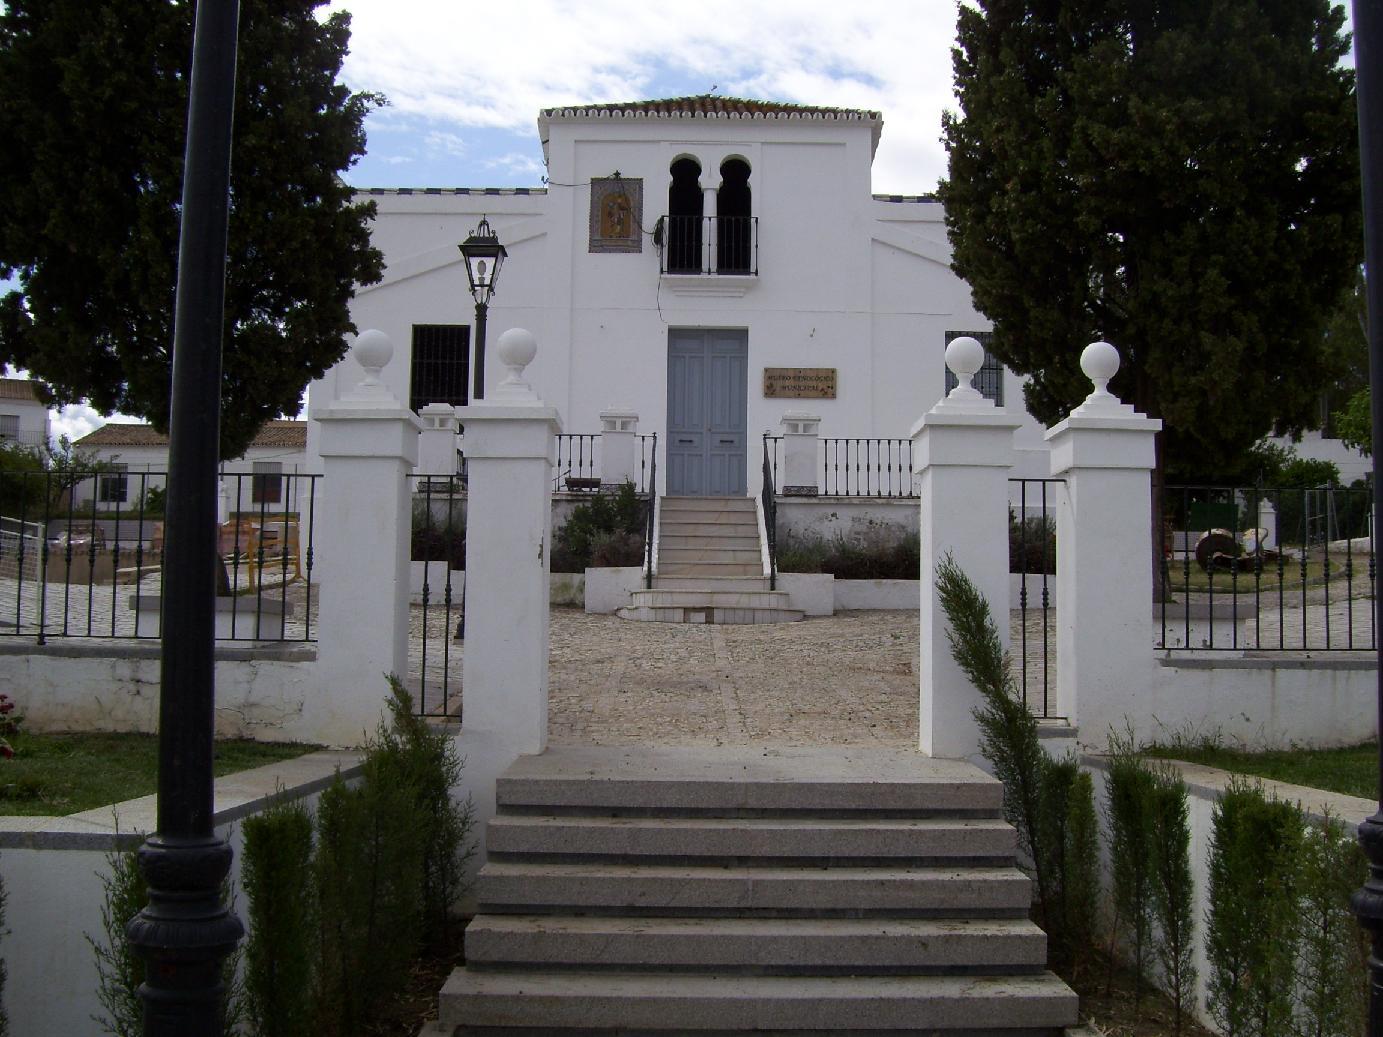 Museo Etnográfico y de Arte Contemporáneo de Castilblanco de los Arroyos